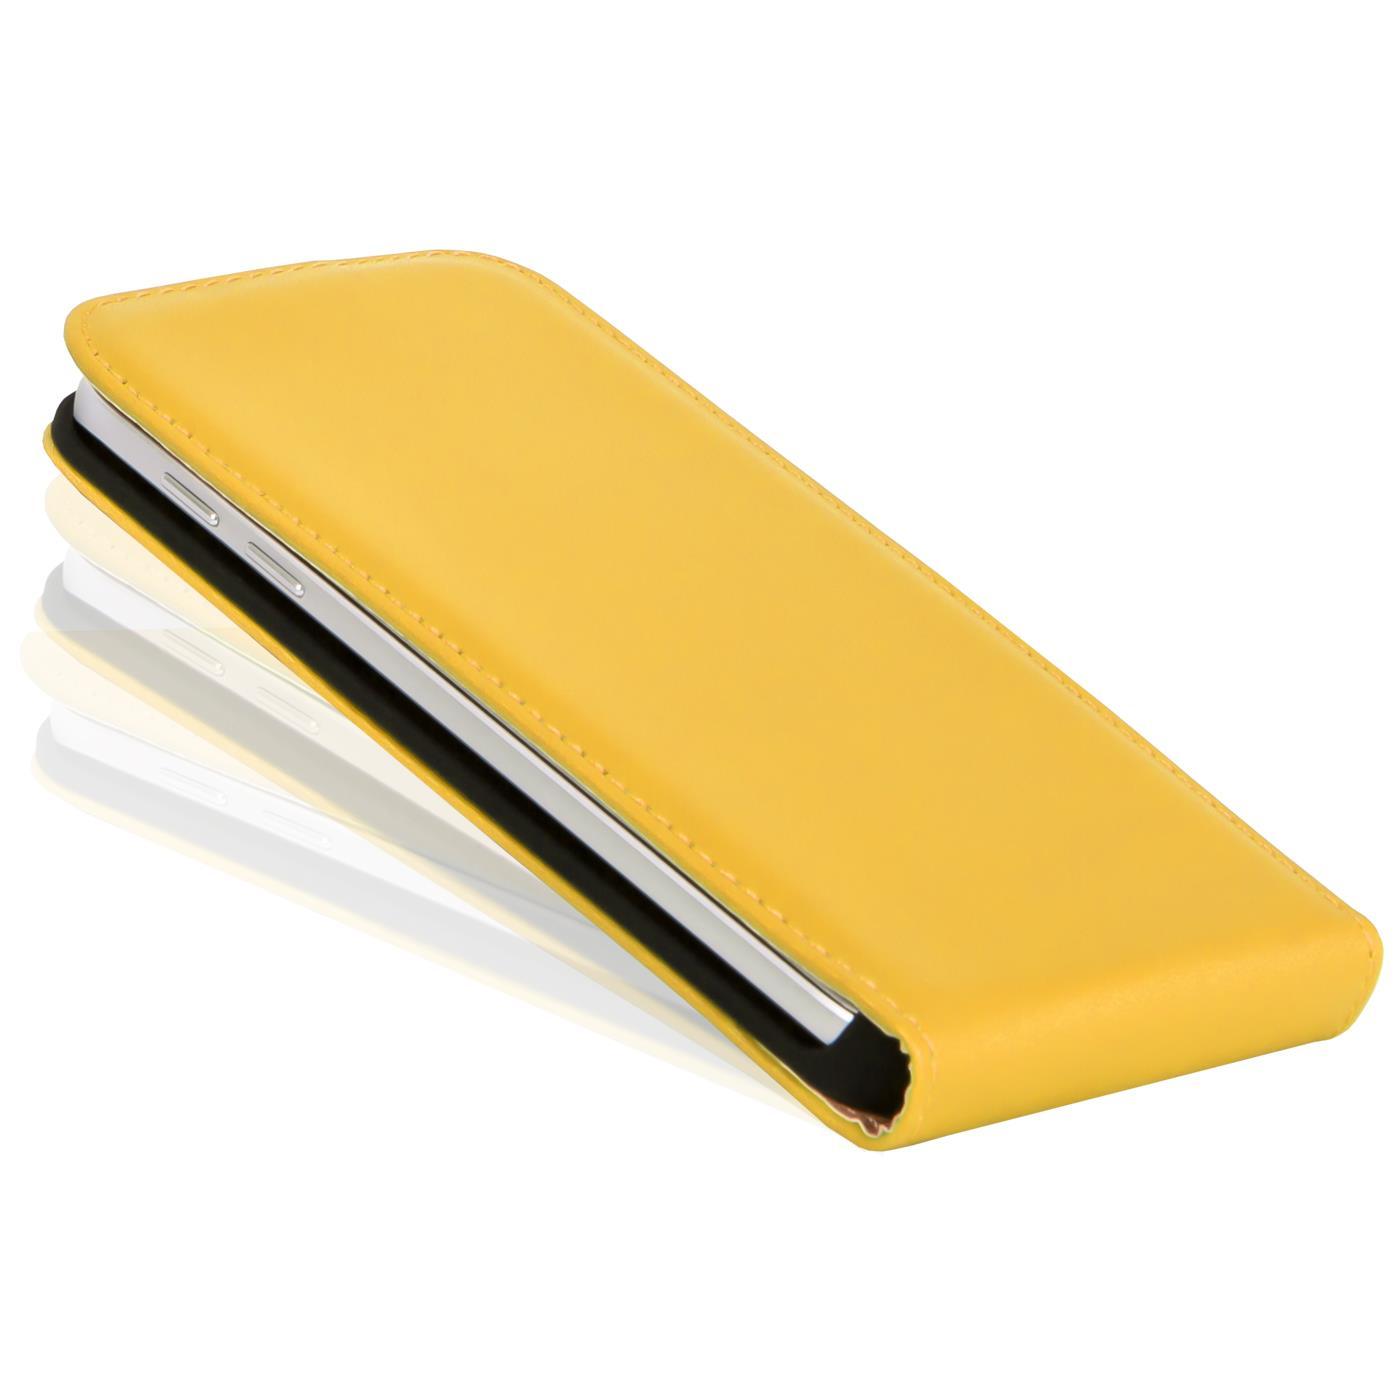 Klapphuelle-Samsung-Galaxy-Flip-Case-Tasche-Schutzhuelle-Cover-Schutz-Handy-Huelle Indexbild 47